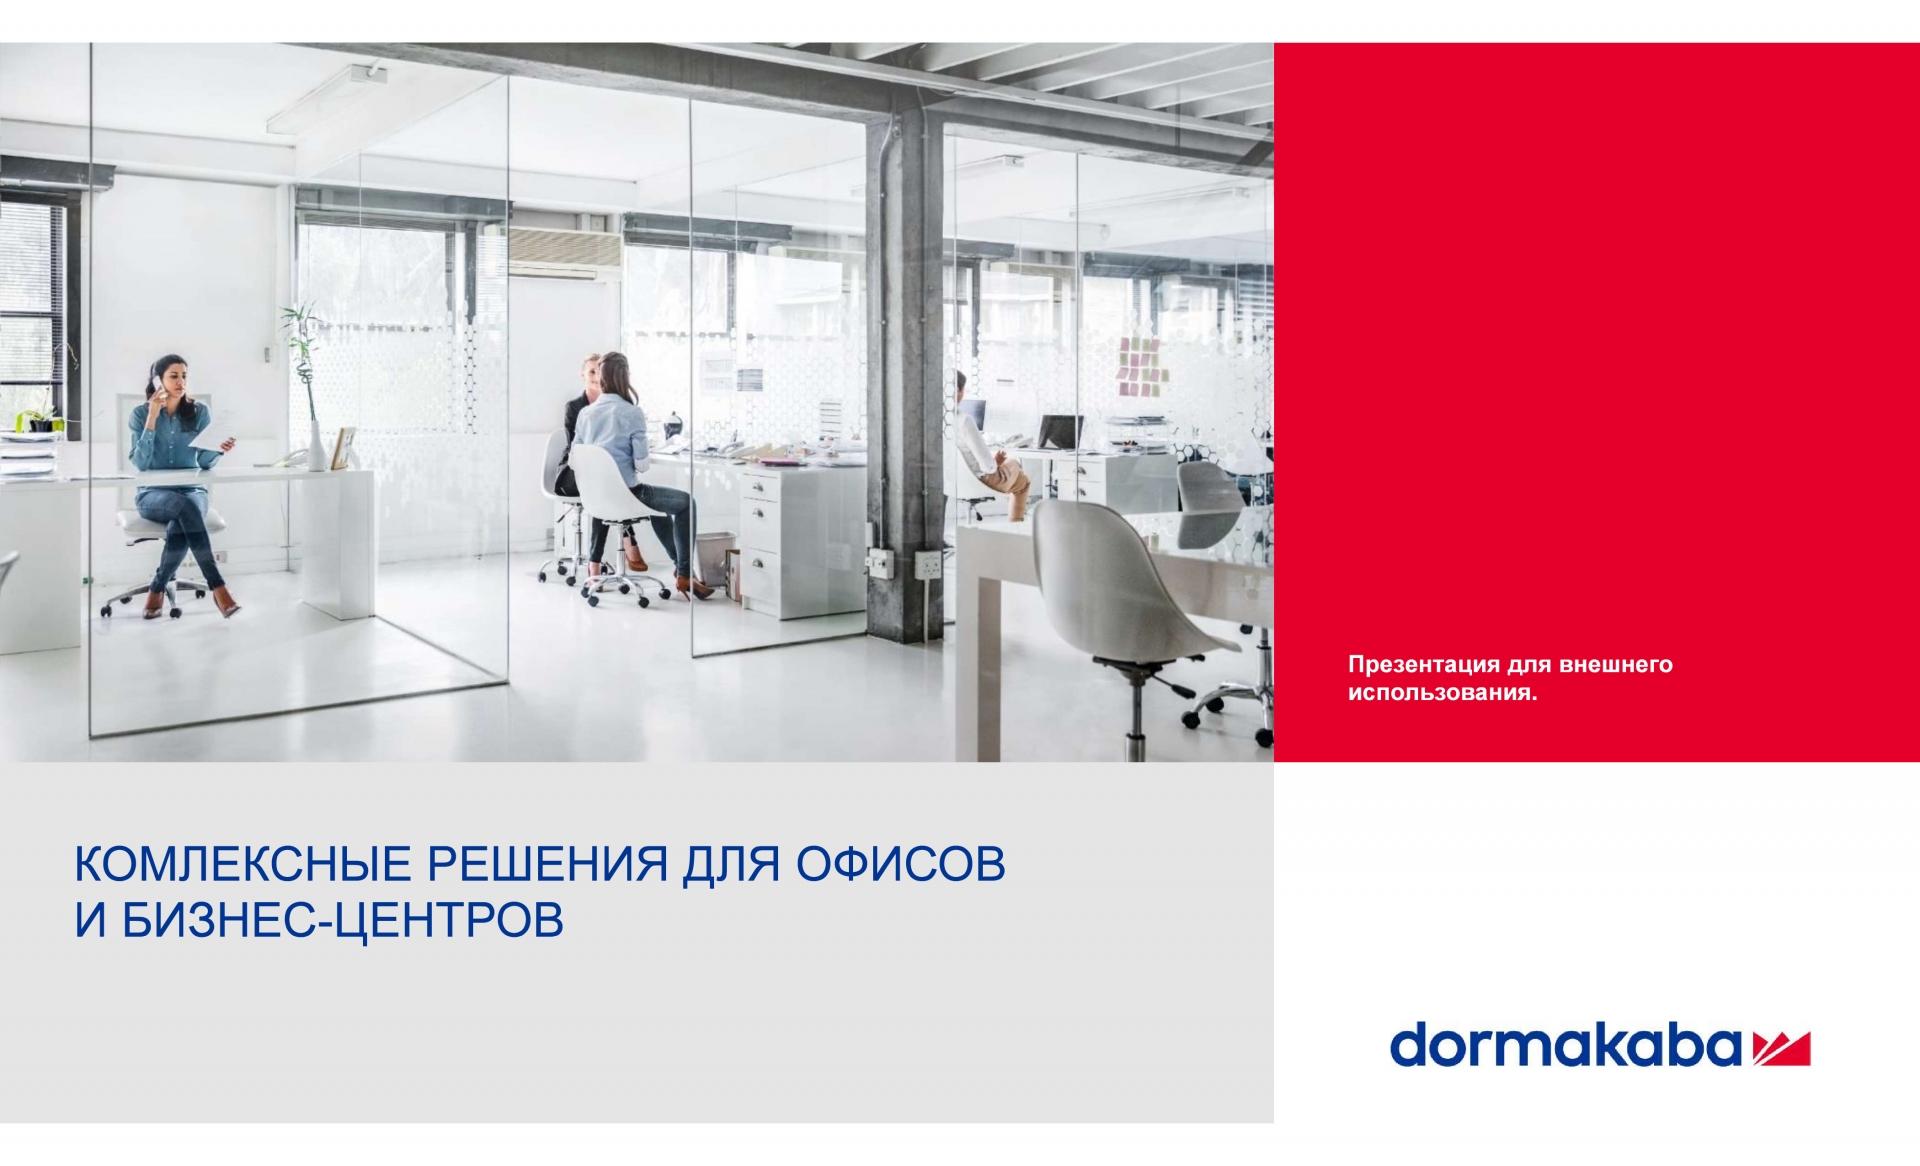 Dorma Business-Centre